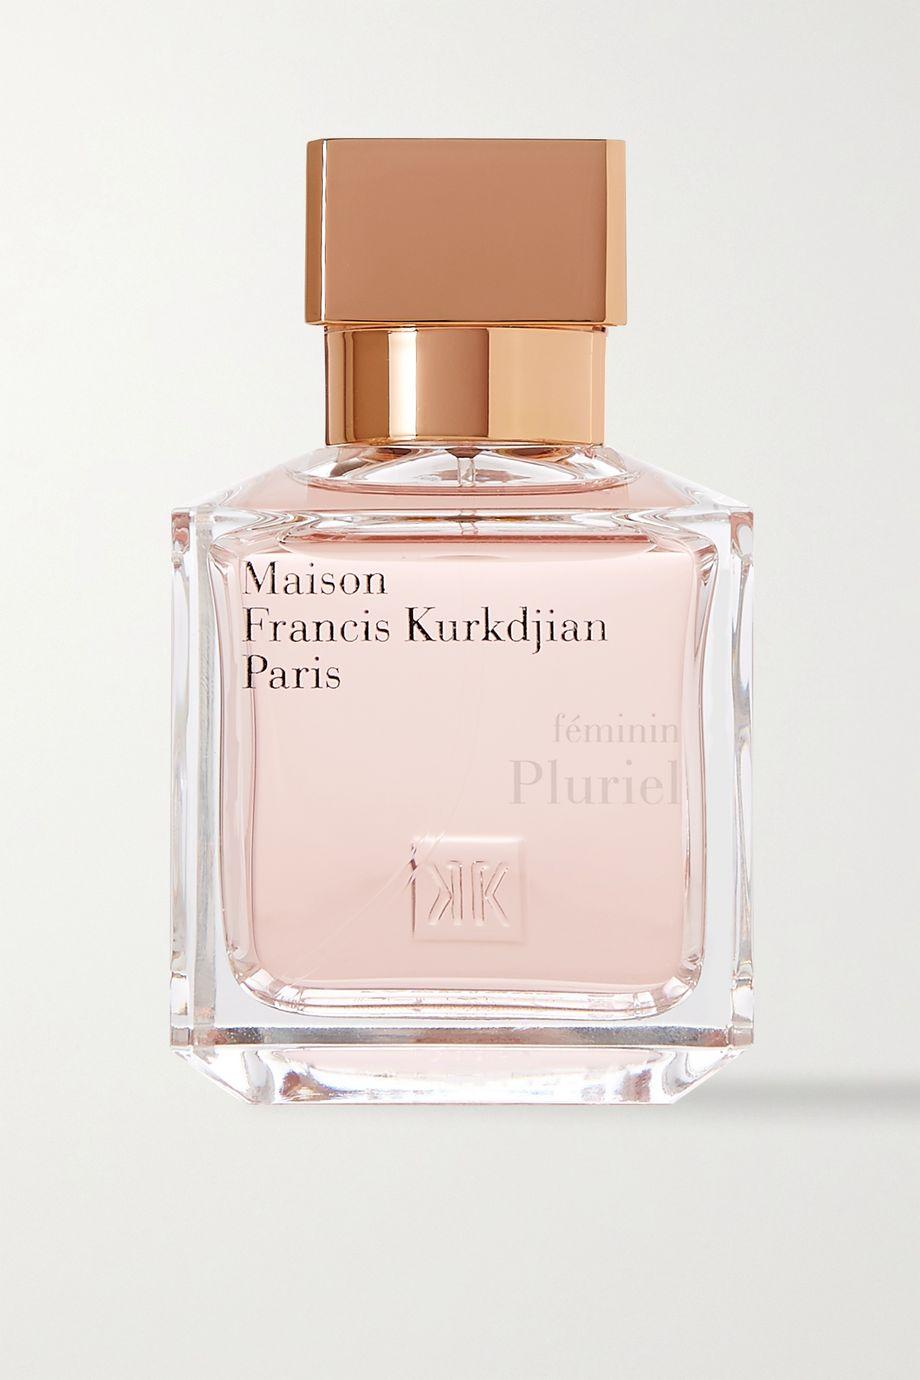 Maison Francis Kurkdjian Féminin Pluriel Eau de Parfum - Violet & Vetiver, 70ml